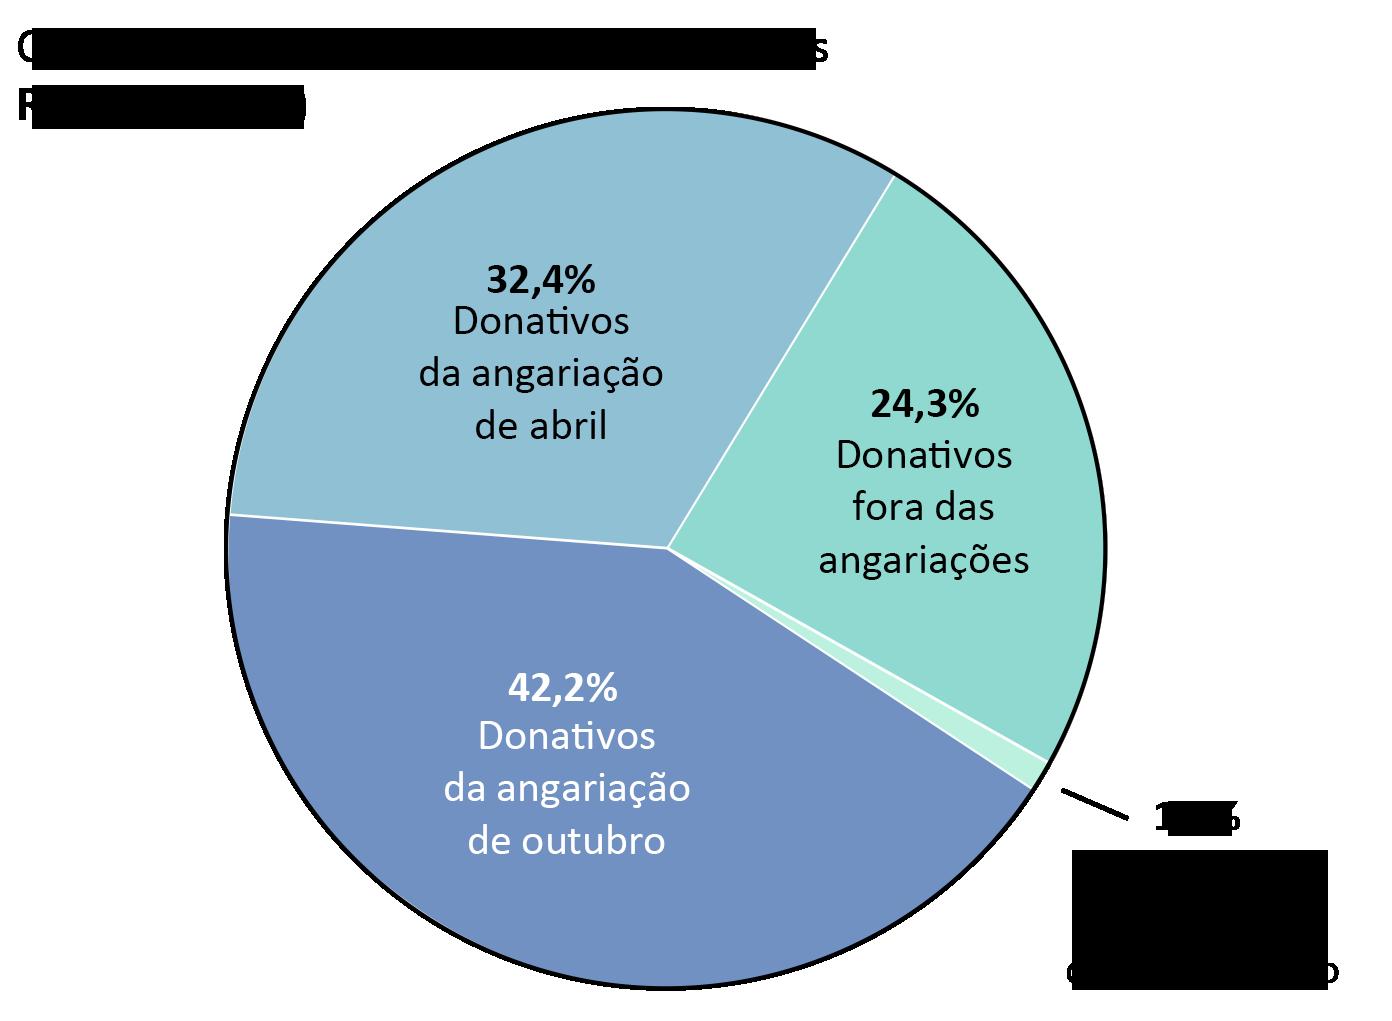 Receita da OTW: Donativos da angariação de abril: 32,4%, Donativos da angariação de outubro: 42,2%. Donativos fora das angariações: 24,3%. Donativos de programas de equiparação: 1,1%.